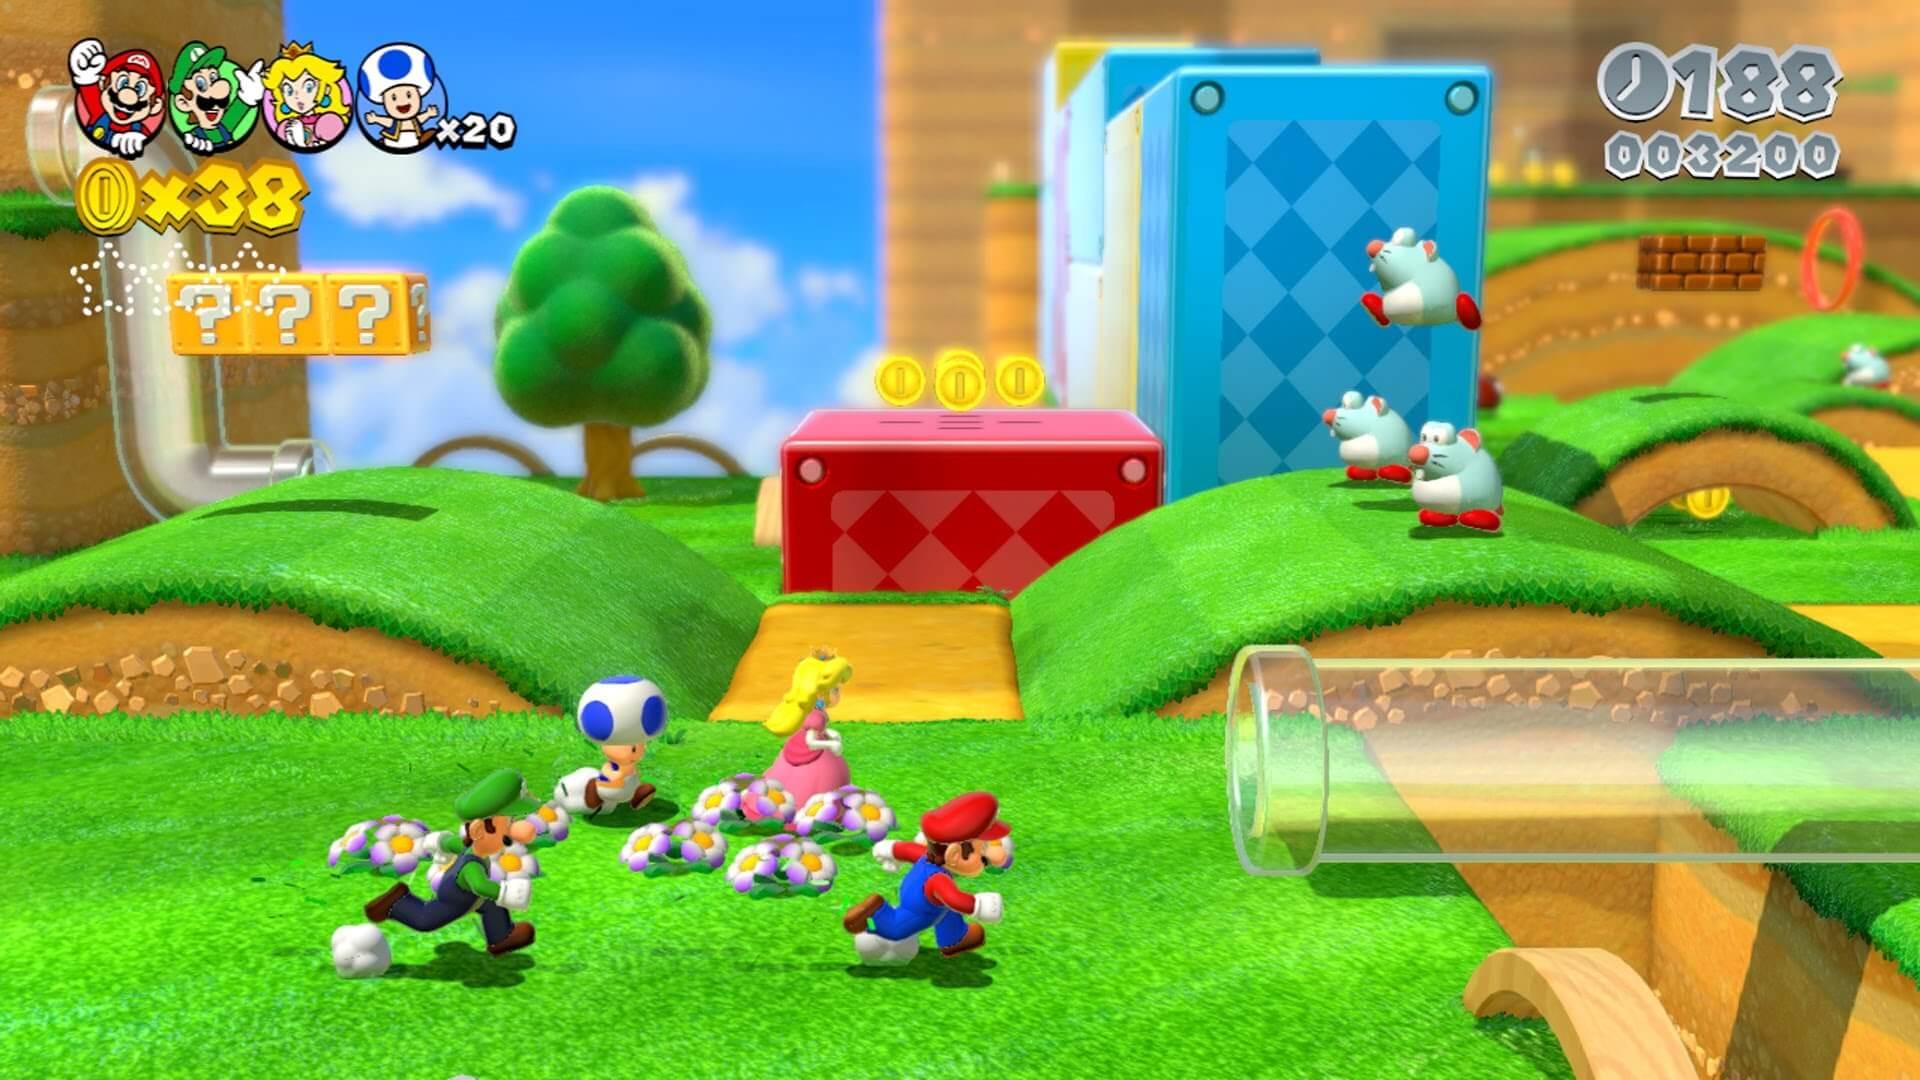 Super Mario 3d World Guide Nintendo Wii U Family Review